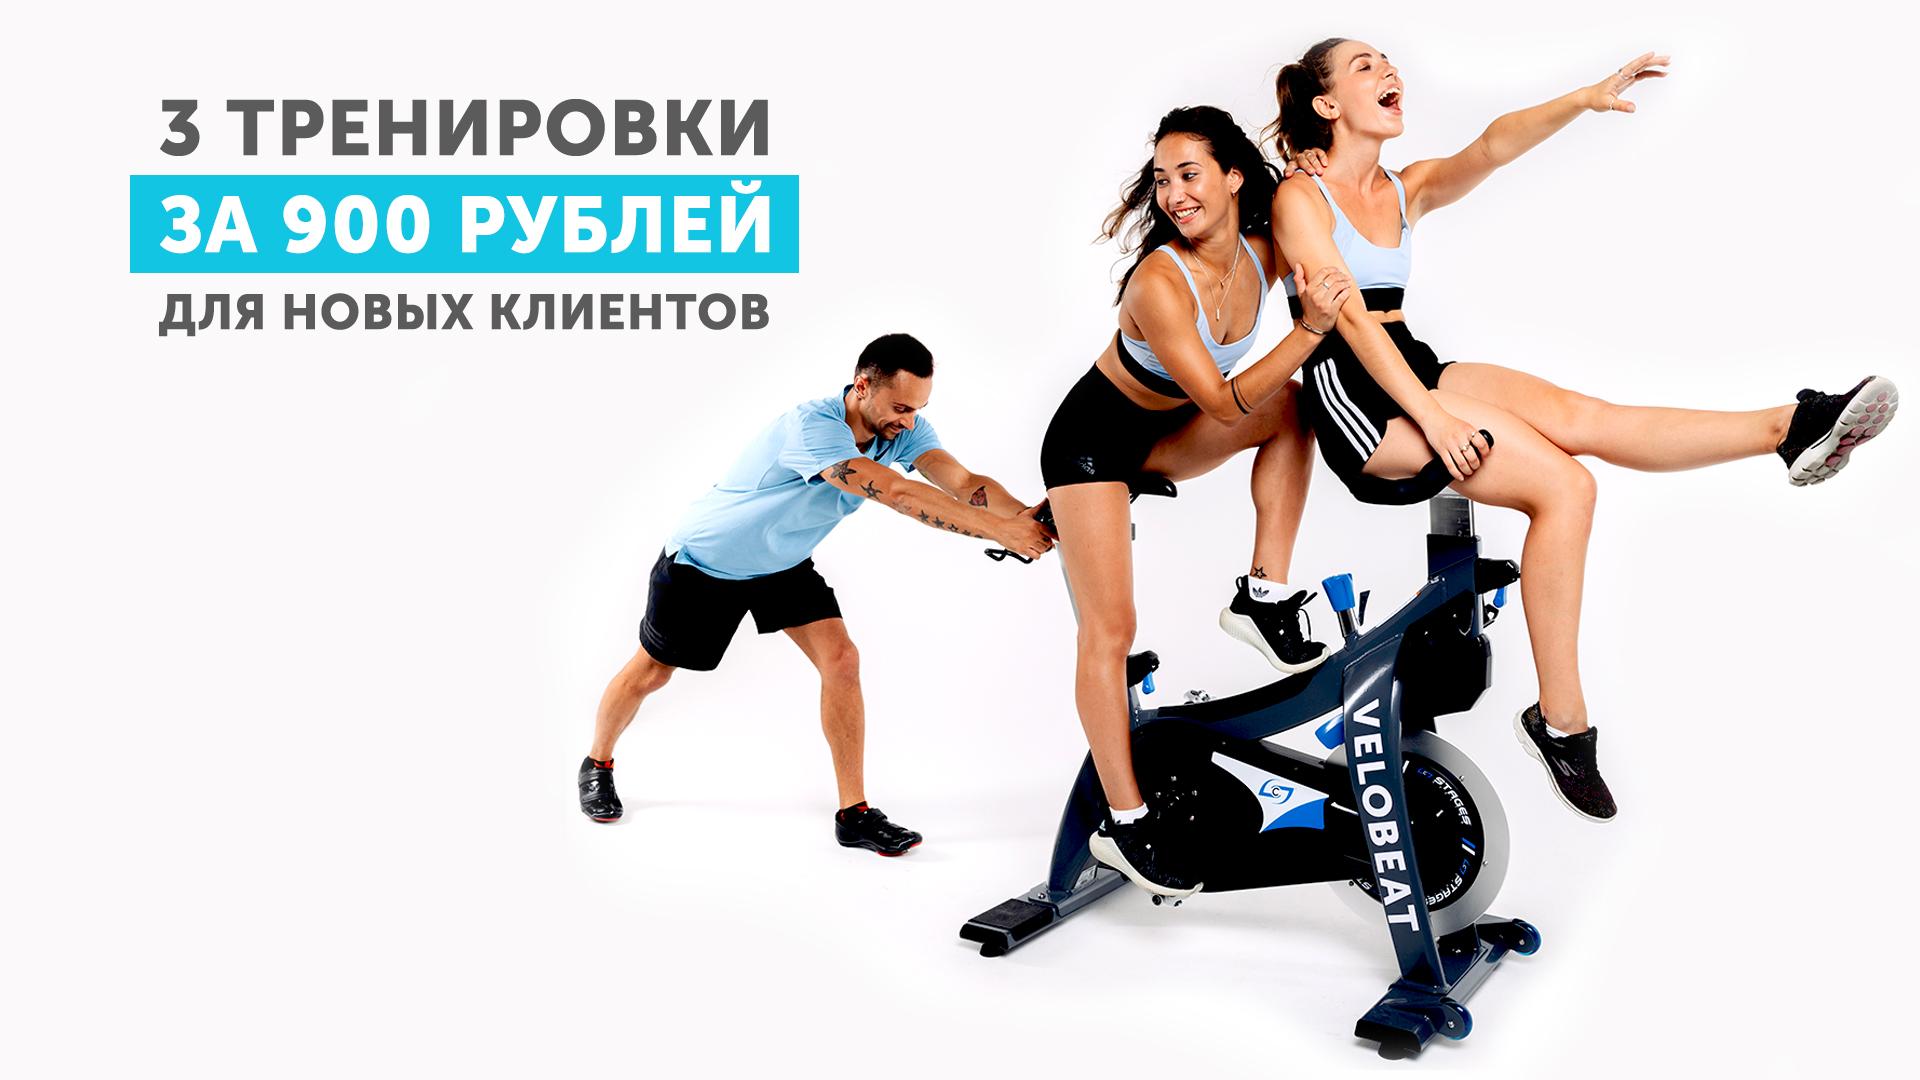 3 тренировки за 900 рублей